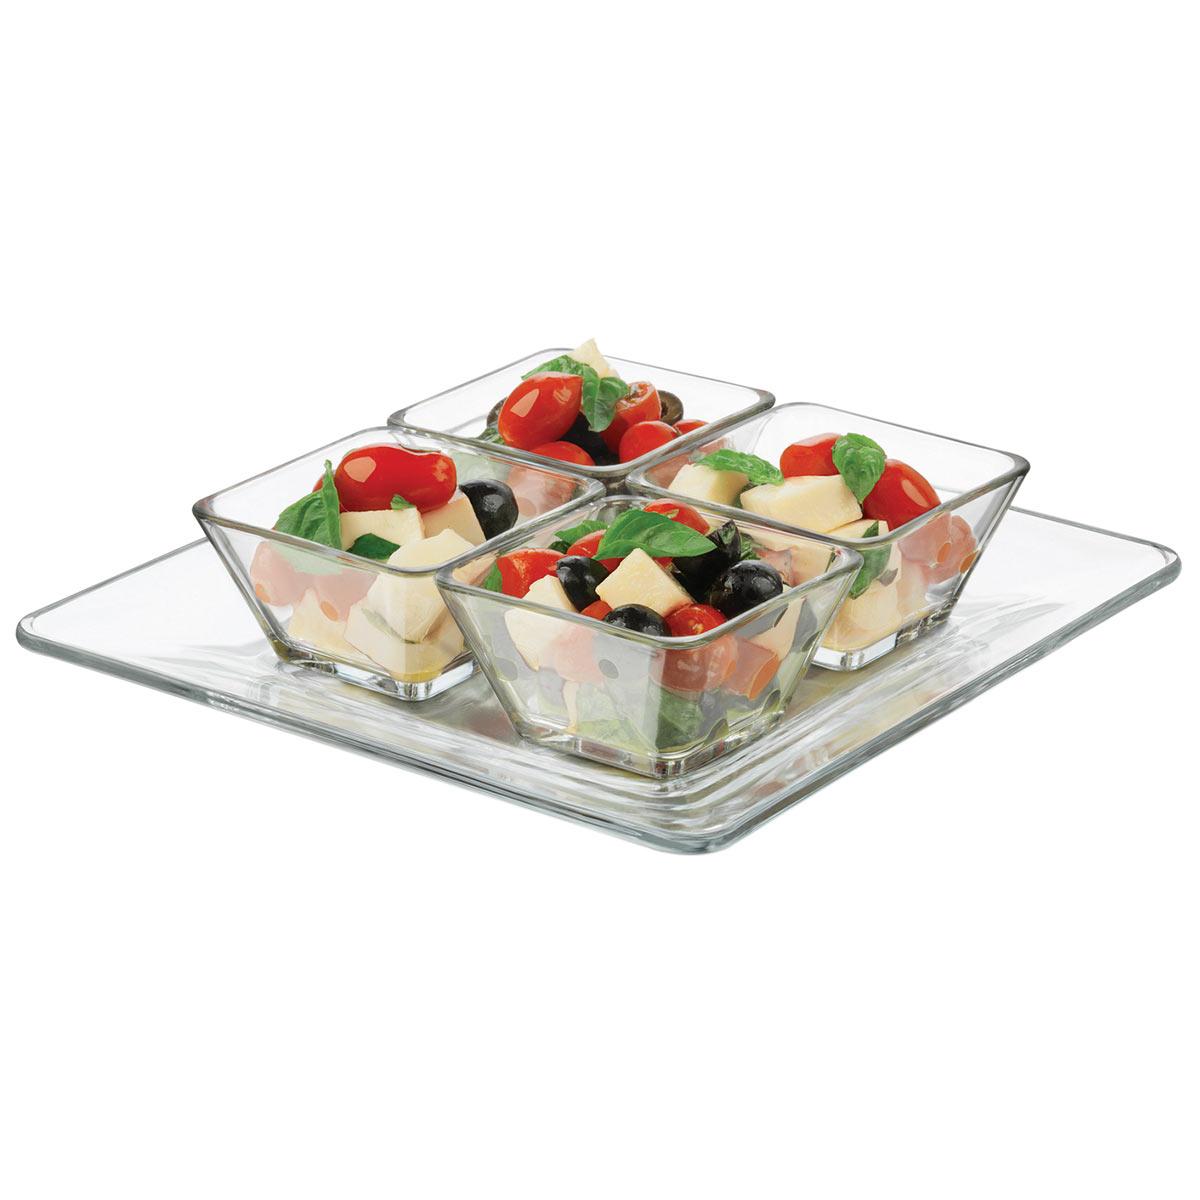 Juego Plato + 4 Mini Tazones Bowl Vidrio Tempo Cocina Libbey